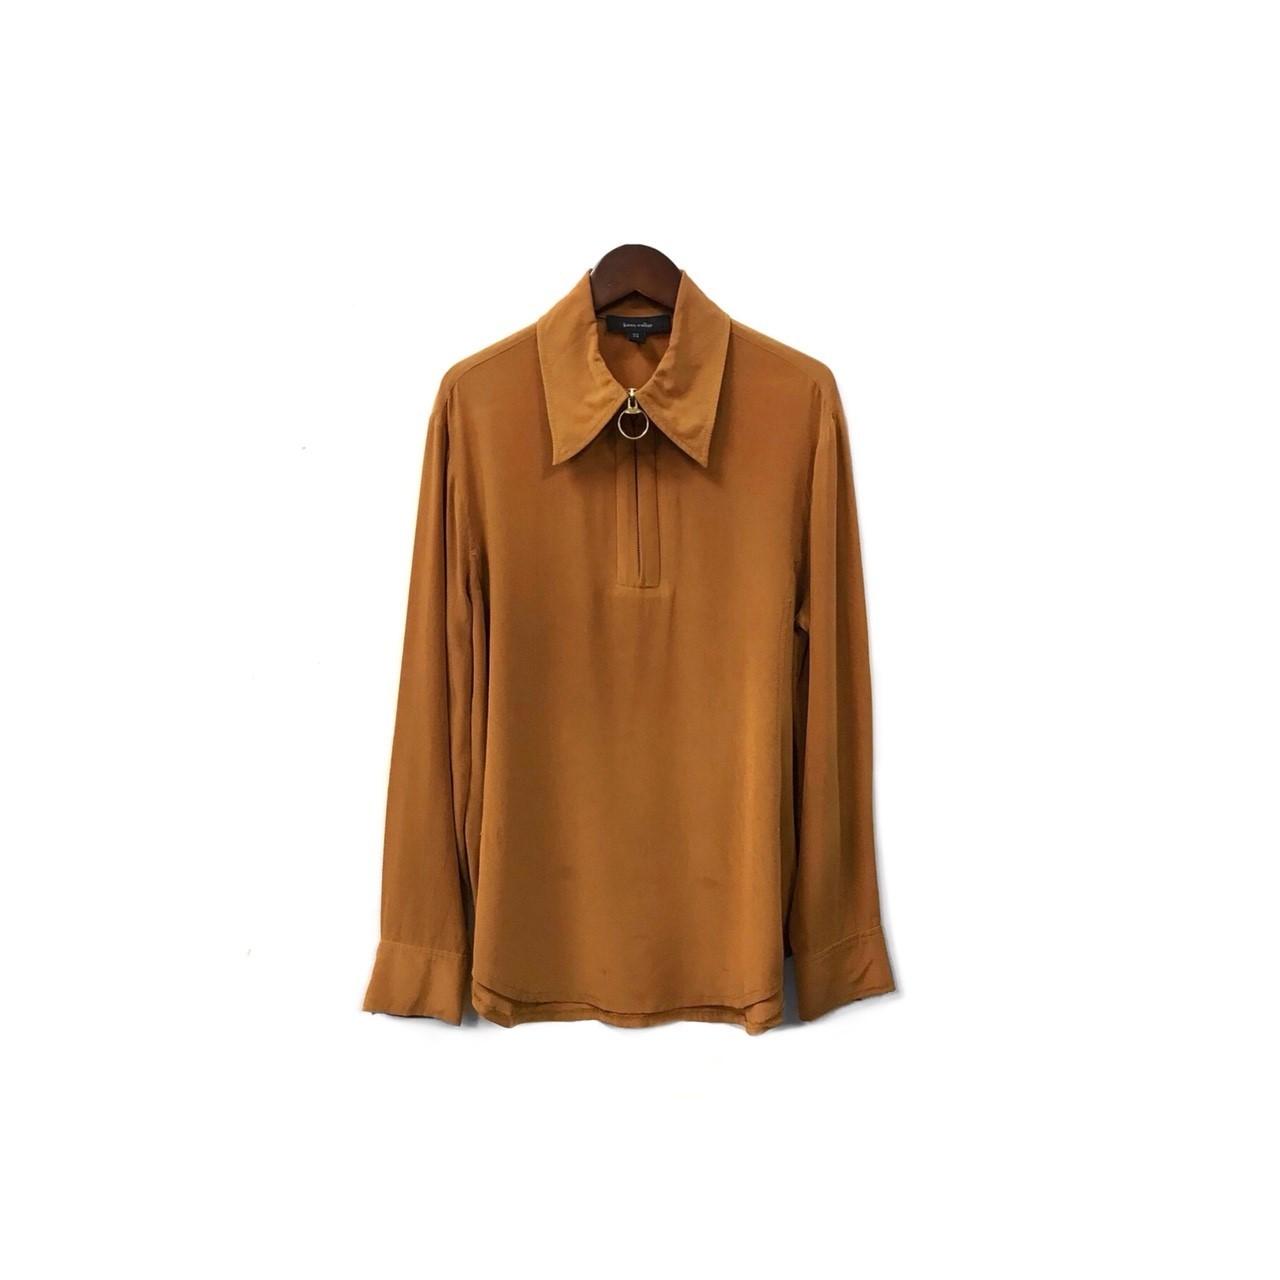 karen walker - Silk Half Zip Shirt (size - 4) ¥13500+tax→¥9450+tax